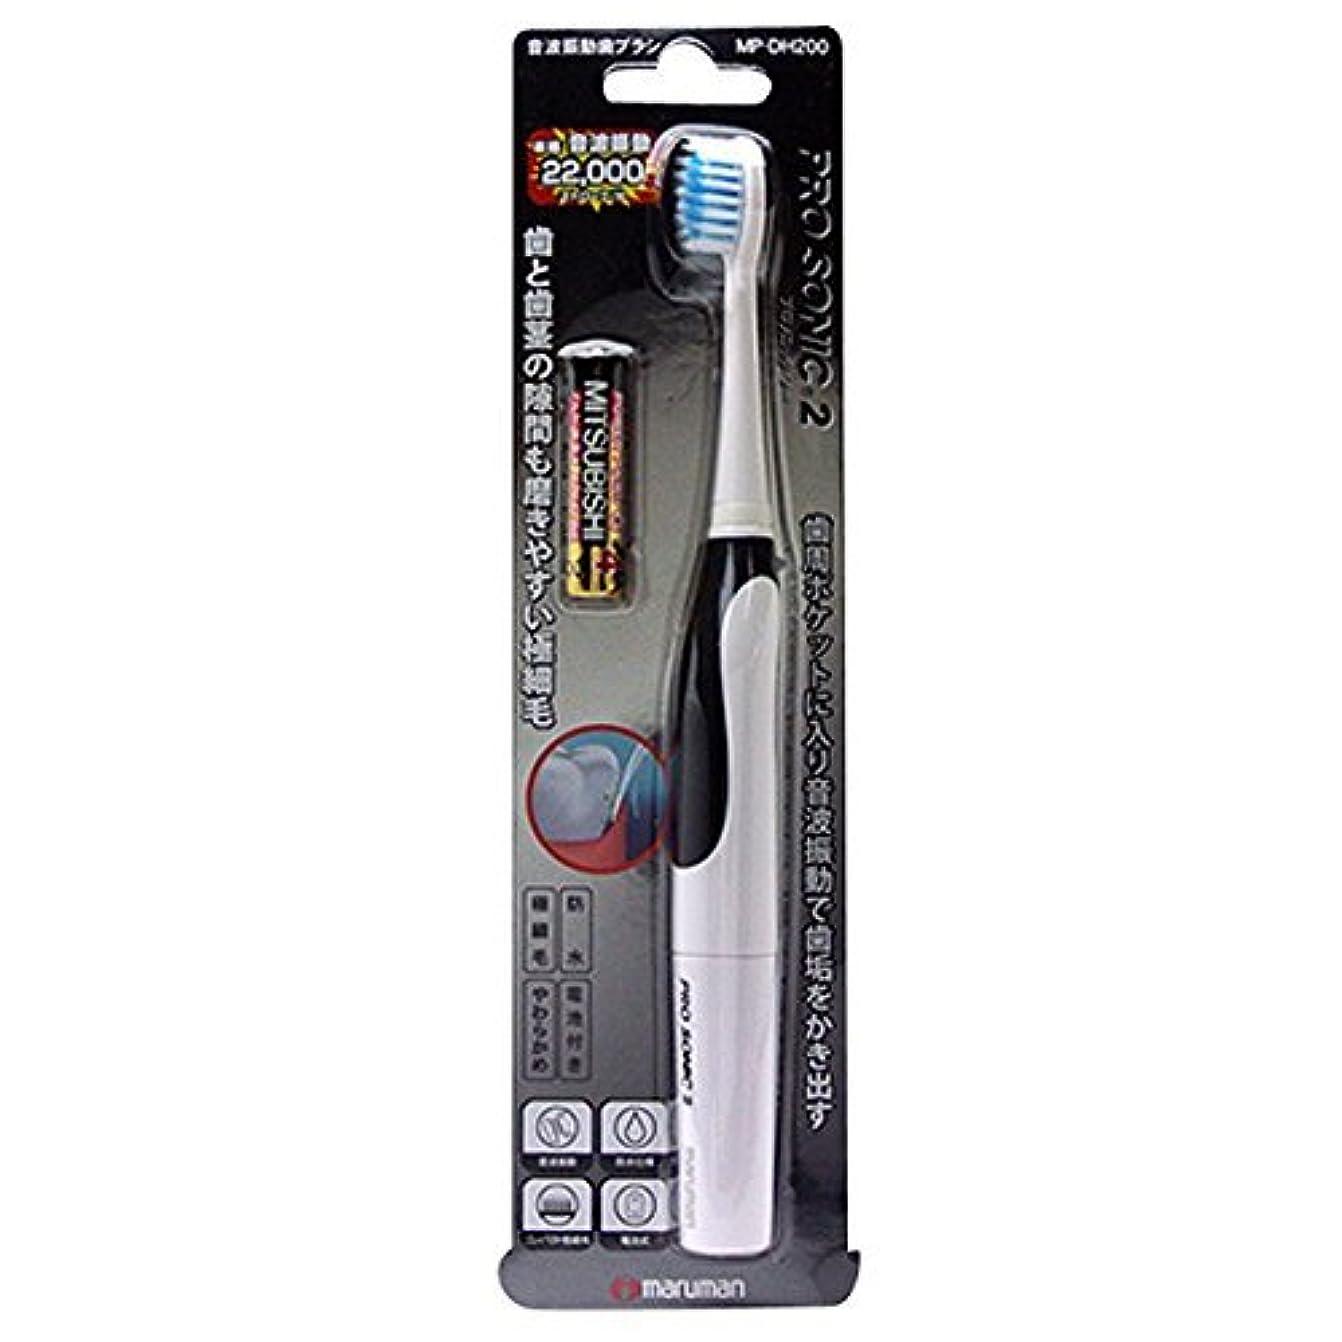 ハンバーガー麻酔薬五音波振動歯ブラシ PROSONIC2(プロソニック ツー) MP-DH200BK ブラック